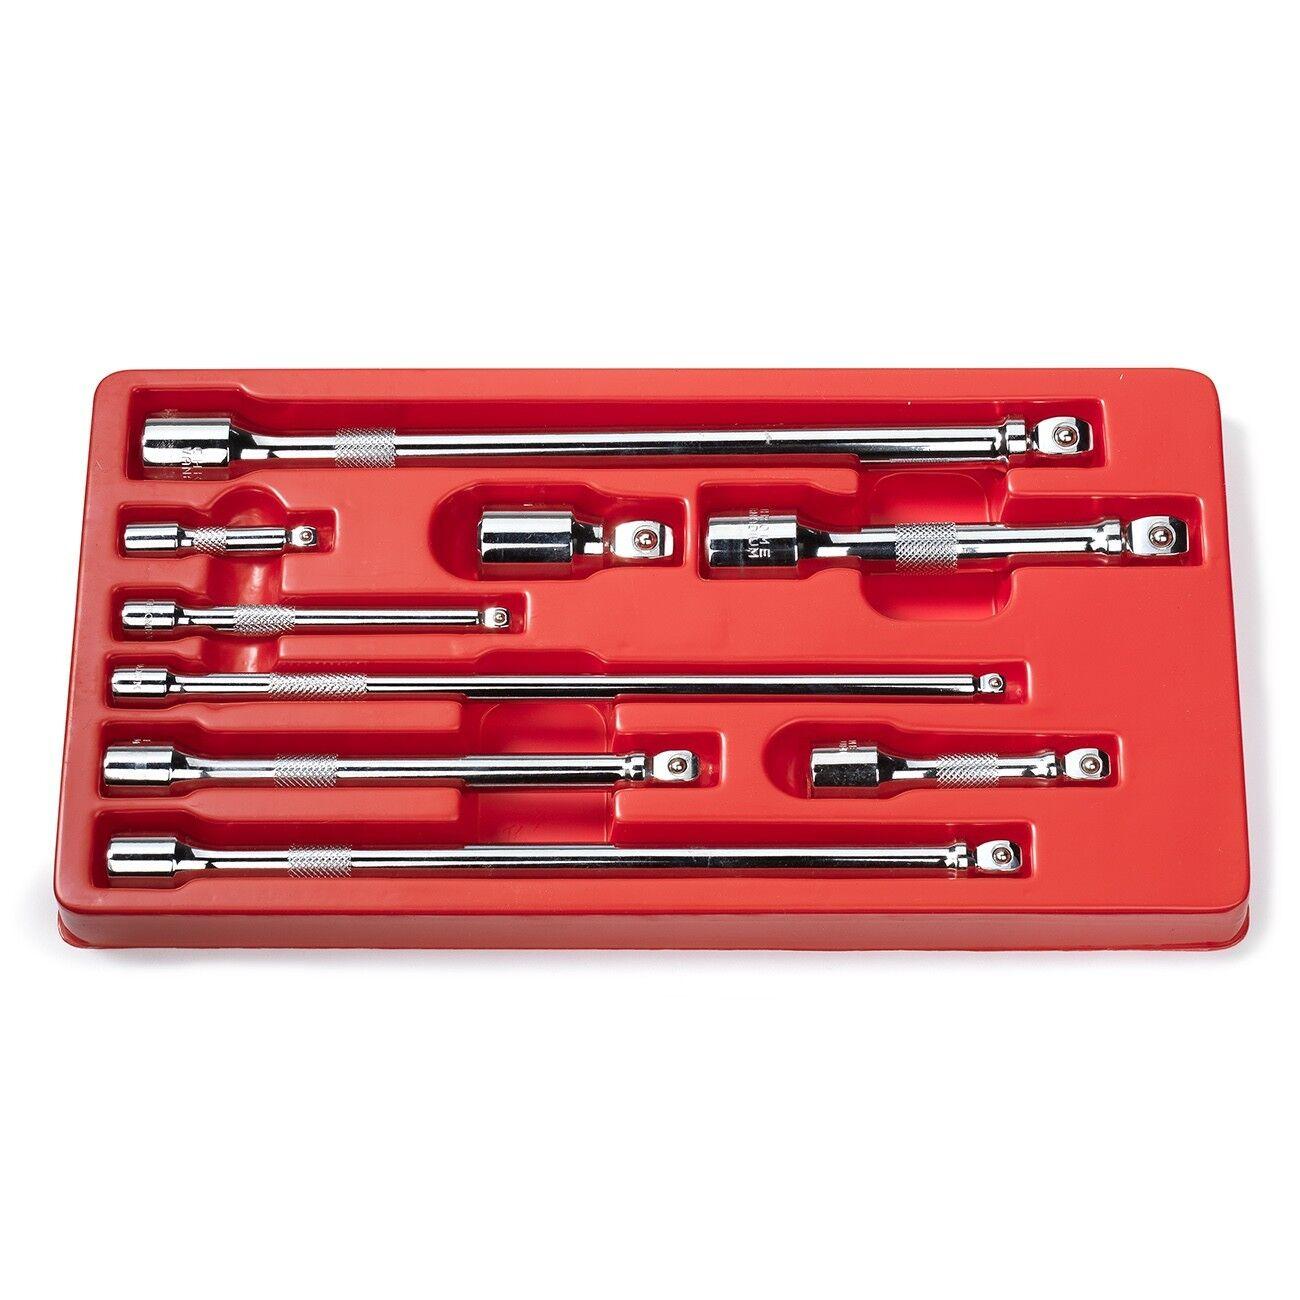 WOBBLE SET webdeals2015 9 Pc Set Wobble Socket Extension 1/4 3/8 1/2 Drive Ratchet Socket Wrenches